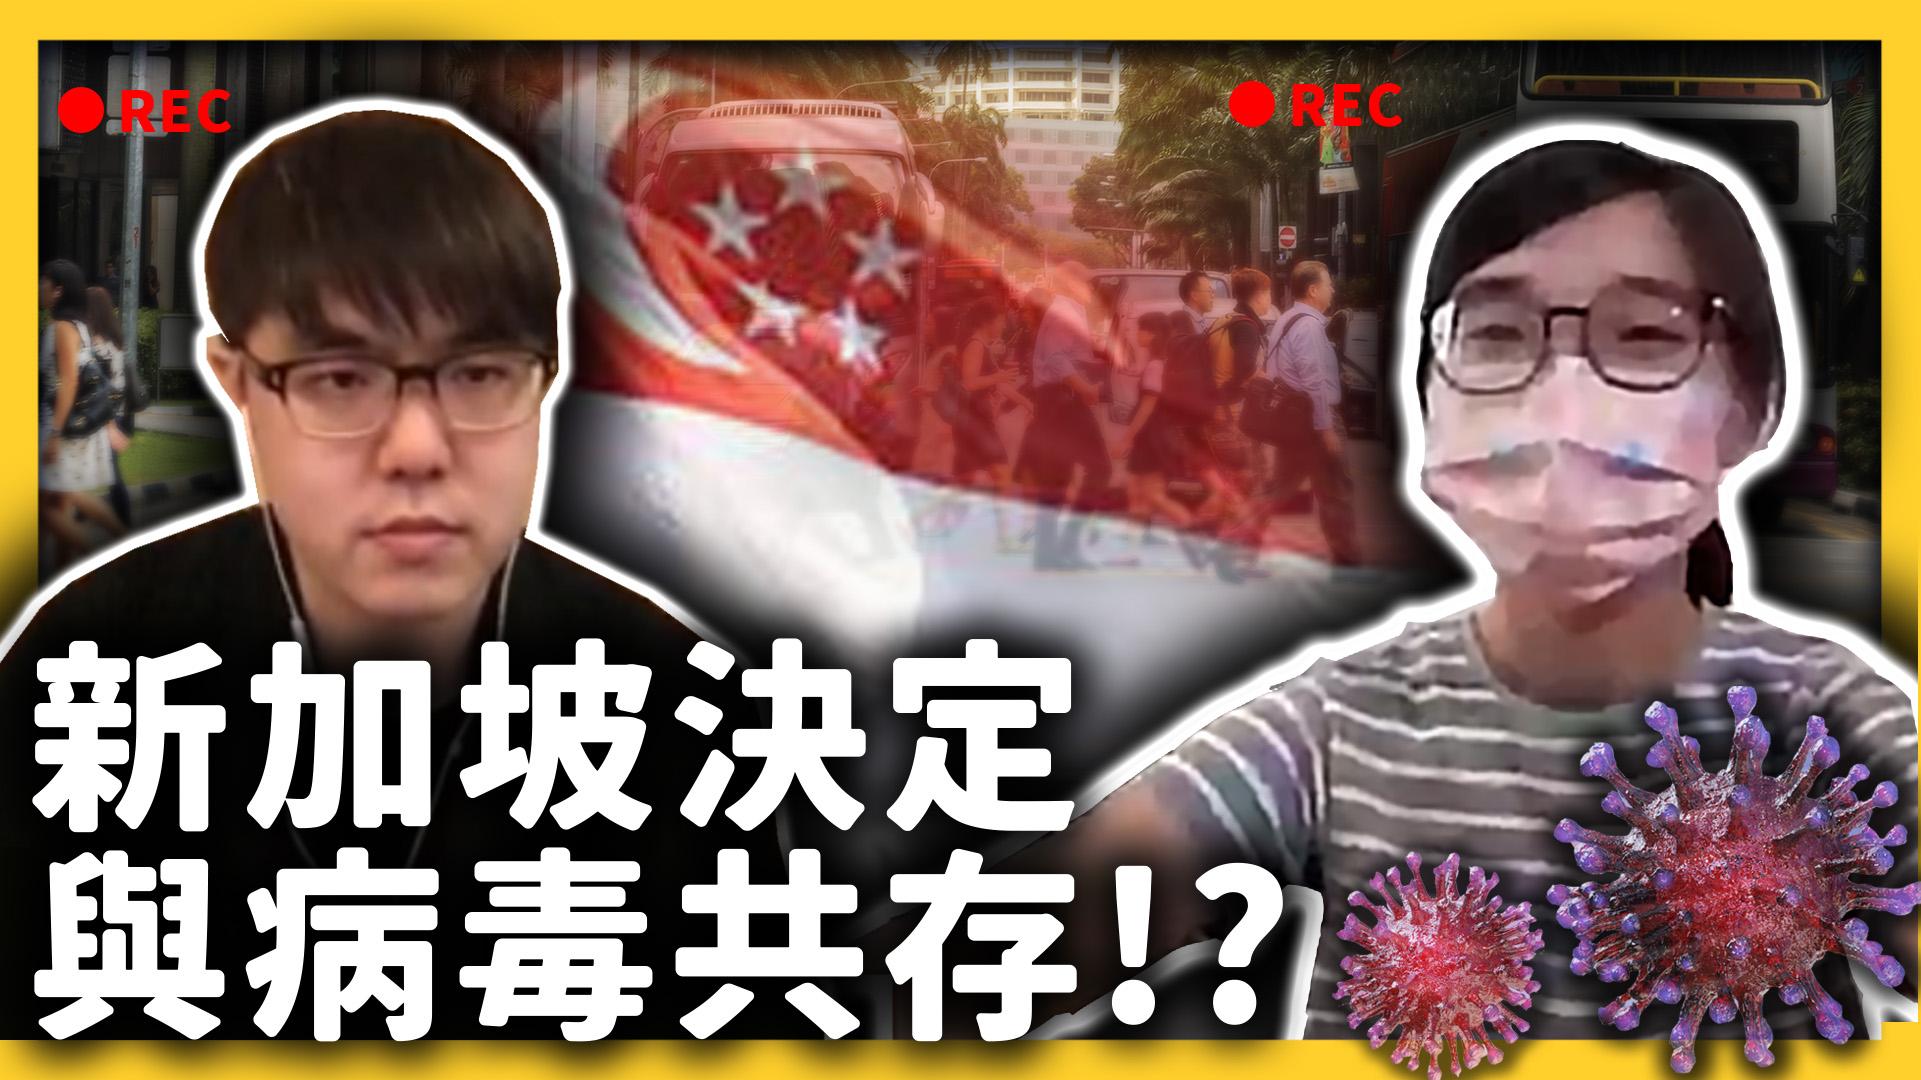 與病毒共存之後,確診數節節上升,新加坡人民會緊張嗎?《七七聊天室》EP009|志祺七七